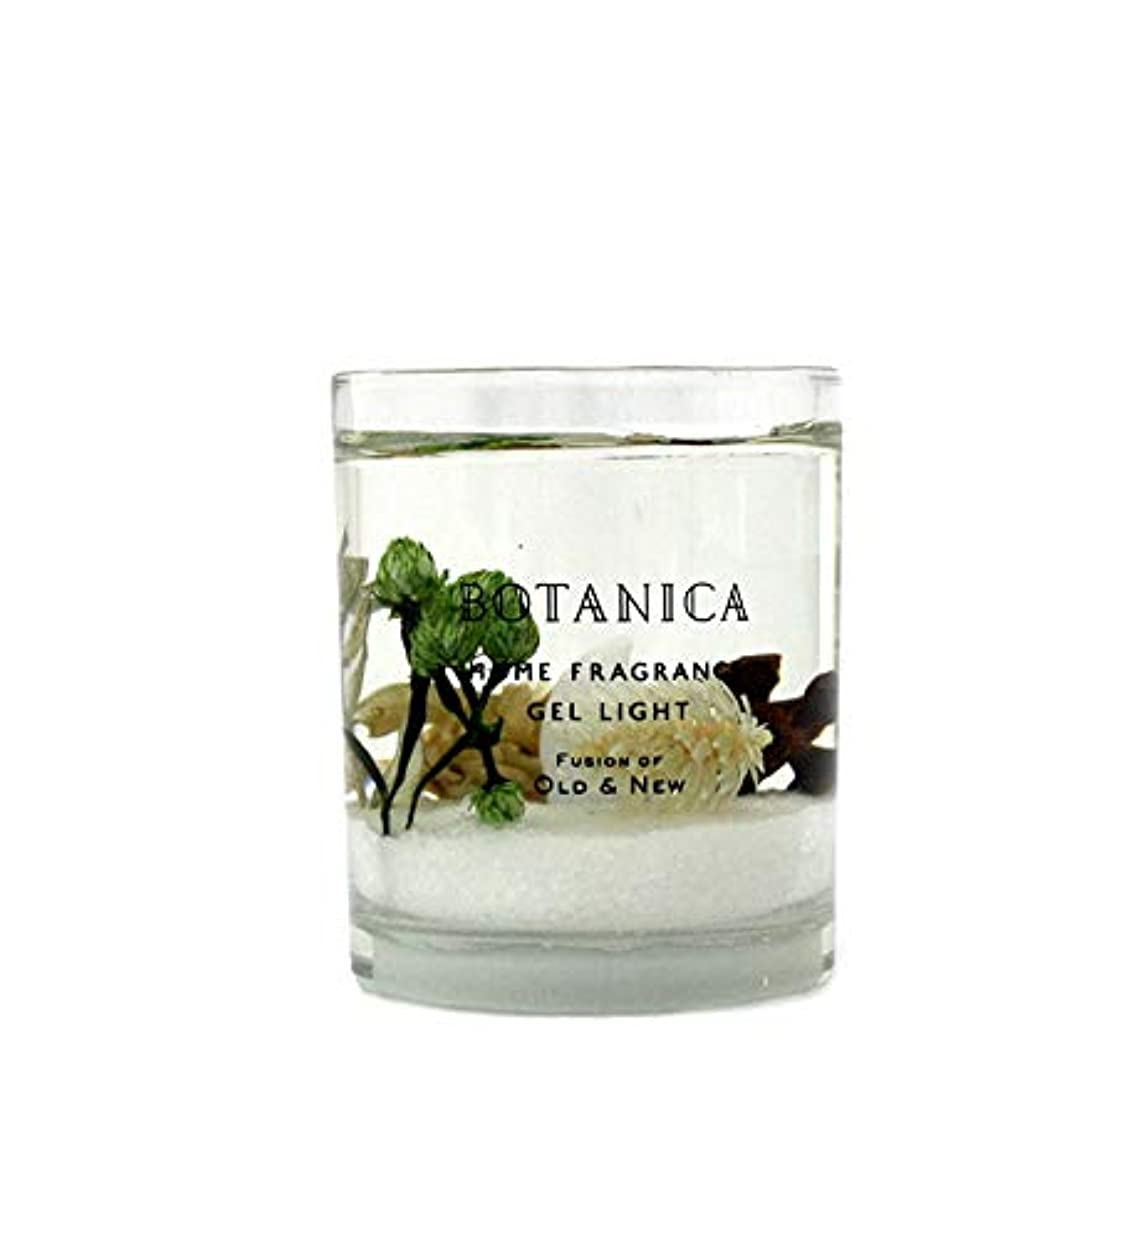 ロースト干し草路地BOTANICA ハーバリウムジェルライト ネイトハーブ Herbarium Gel Light Neat Herbs ボタニカ